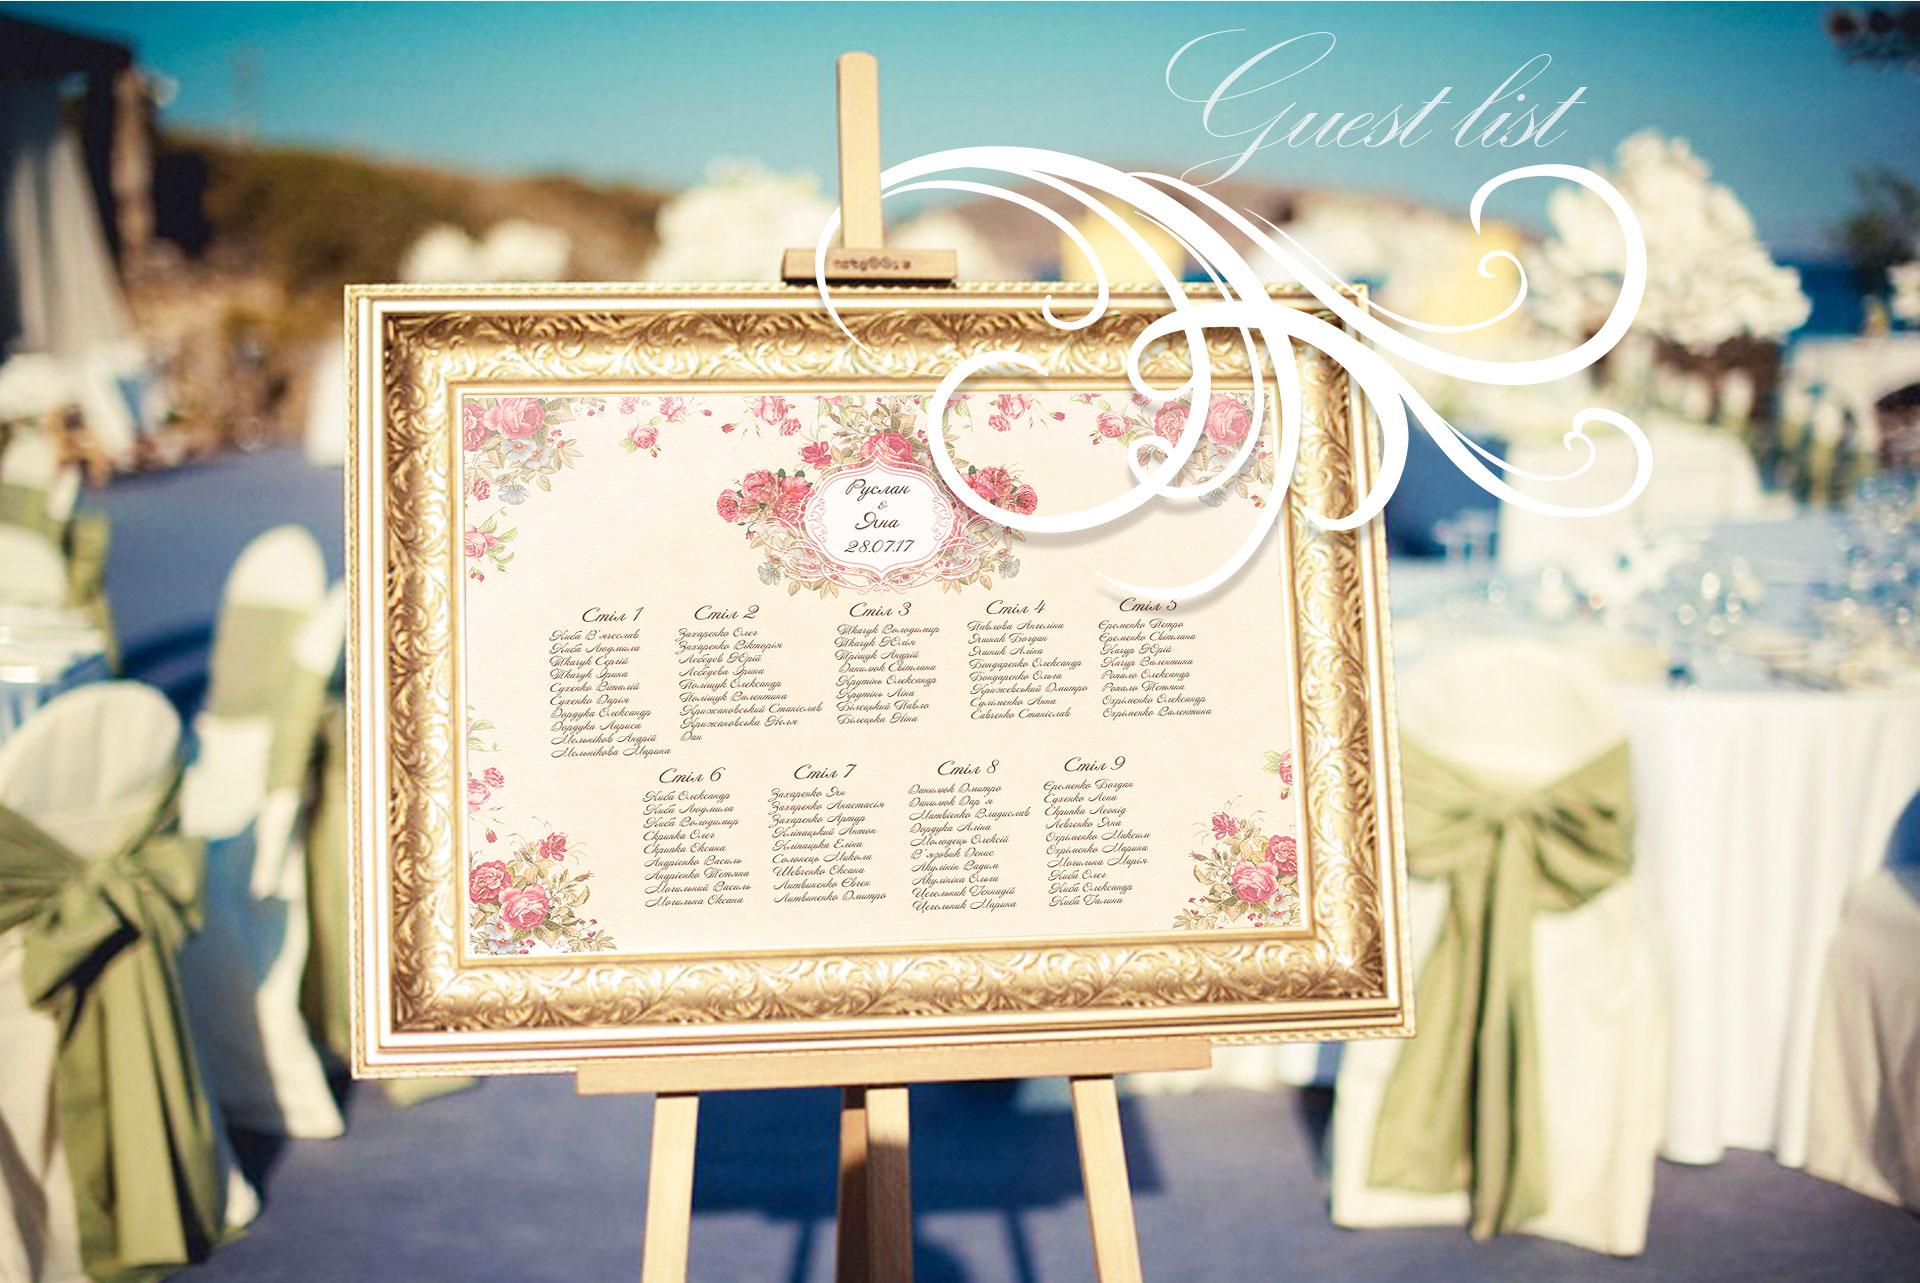 Фото список размещения гостей на свадебной церемонии